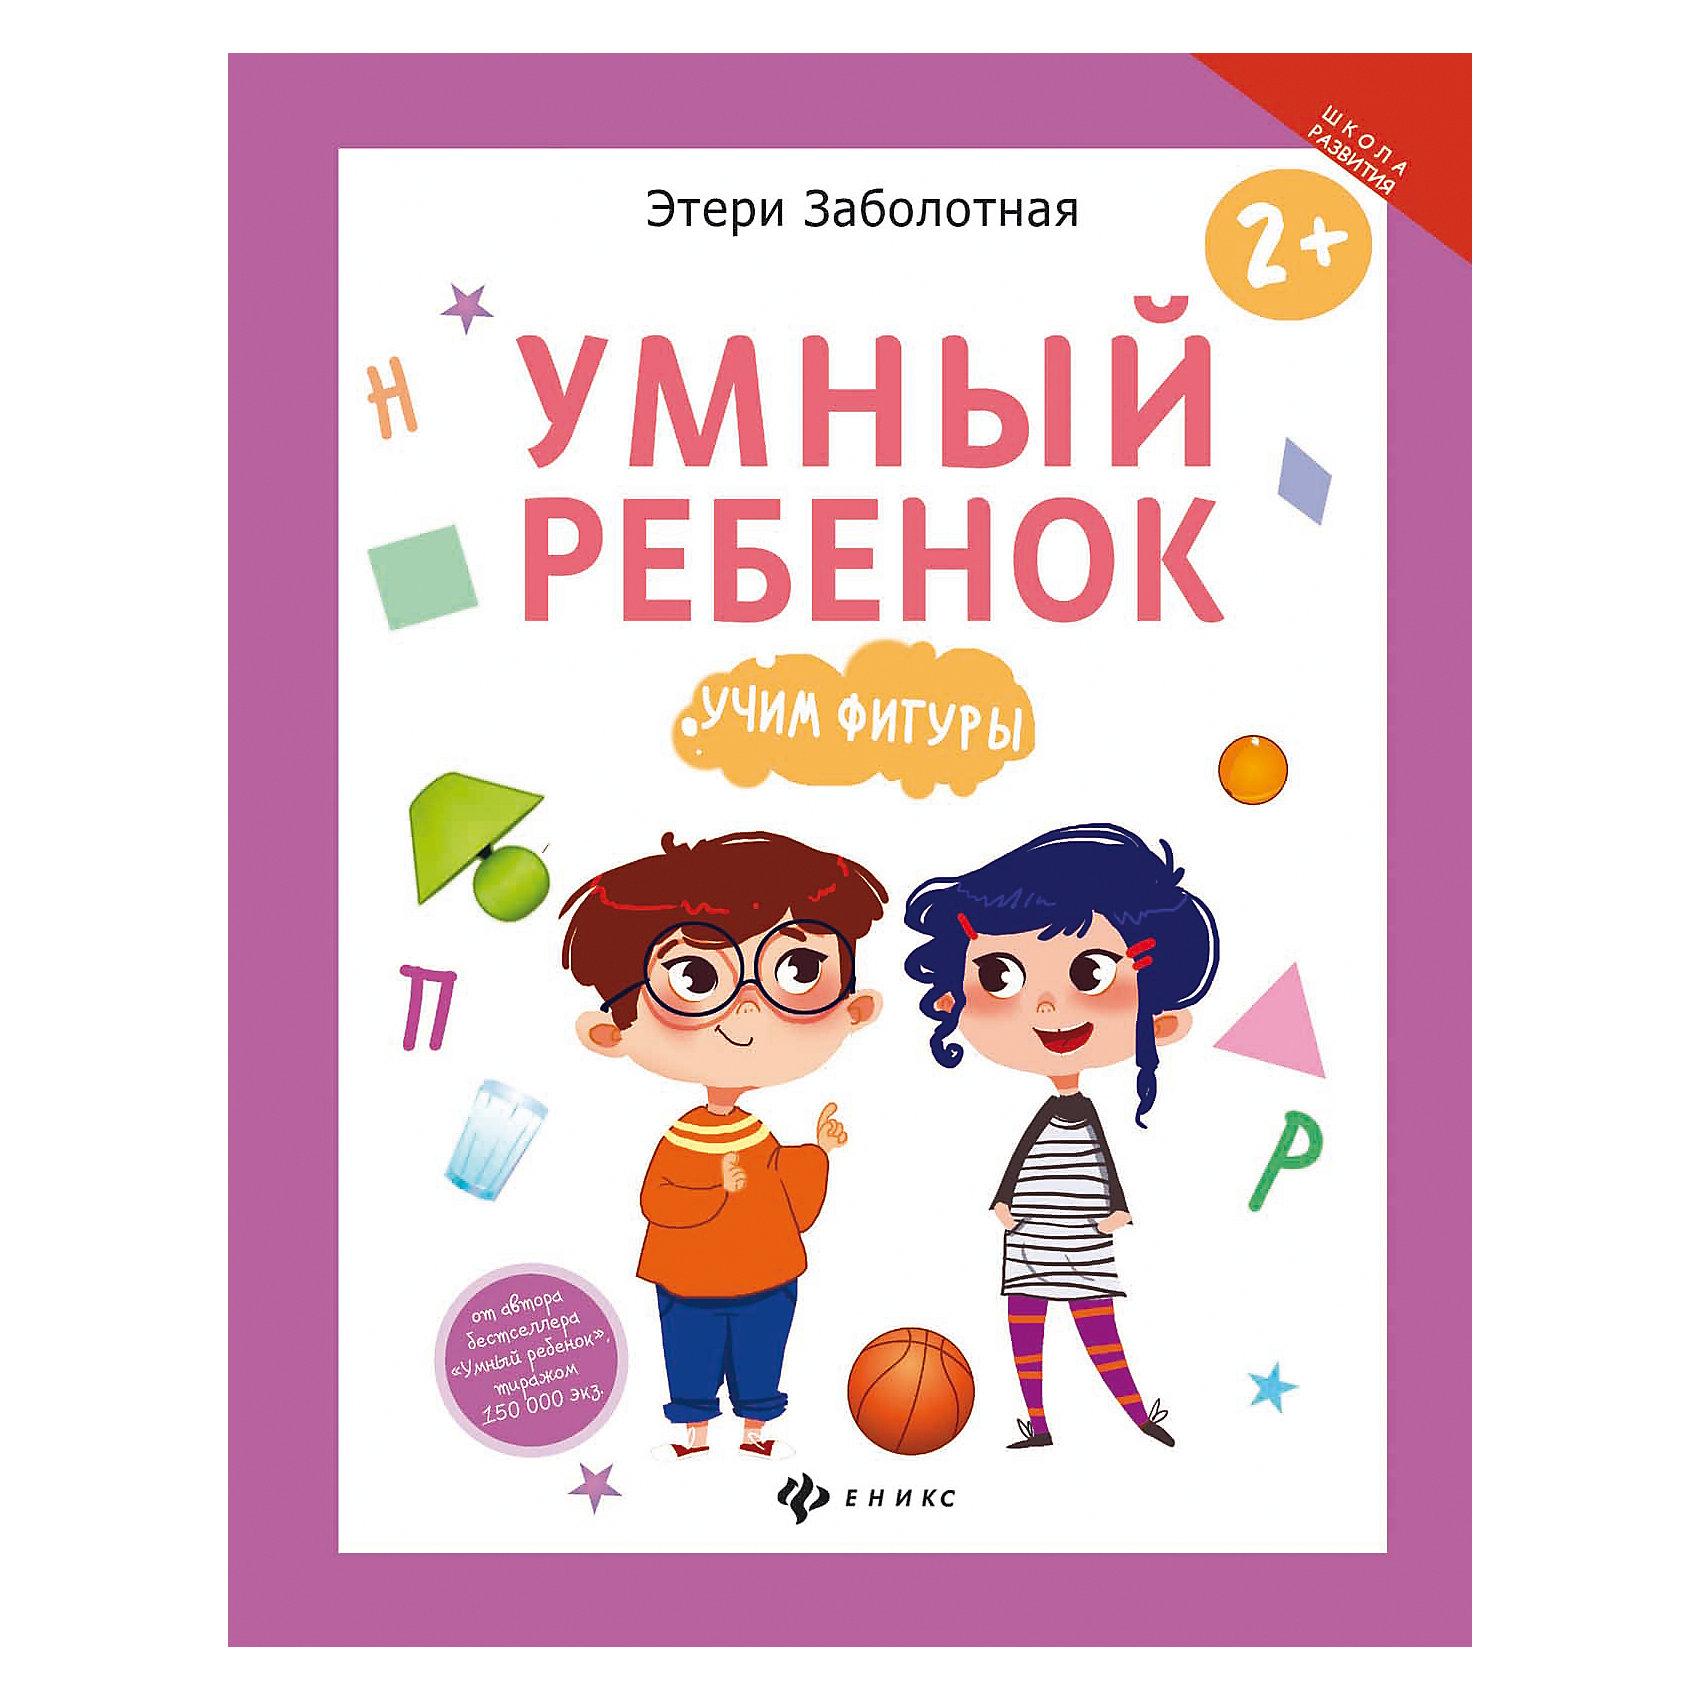 Умный ребенок: учим фигурыИзучаем цвета и формы<br>Книга Умный ребенок: учим фигуры<br><br>Характеристики:<br><br>• количество страниц: 16<br>• иллюстрации: цветные<br>• тип обложки: мягкая<br>• ISBN: 978-5-222-27921-2<br>• автор: Заболотная Этери<br>• издательство: Феникс<br>• размер: 20х26 см<br>• материал: бумага<br><br>Книга Умный ребенок: учим фигуры поможет вам познакомить малыша с геометрическими фигурами в игровой и понятной форме. Пособие состоит из интересных заданий, оформленных красочными иллюстрациями. Книга научит ребенка сравнивать, различать фигуры и классифицировать их. Занятия по этой книге способствуют развитию логического, пространственного, ассоциативного мышления и мелкой моторики. Рекомендовано заниматься по 15-20 минут с детьми от двух лет.<br><br>Книгу Умный ребенок: учим фигуры можно купить в нашем интернет-магазине.<br><br>Ширина мм: 200<br>Глубина мм: 201<br>Высота мм: 260<br>Вес г: 520<br>Возраст от месяцев: 36<br>Возраст до месяцев: 2147483647<br>Пол: Унисекс<br>Возраст: Детский<br>SKU: 5518162